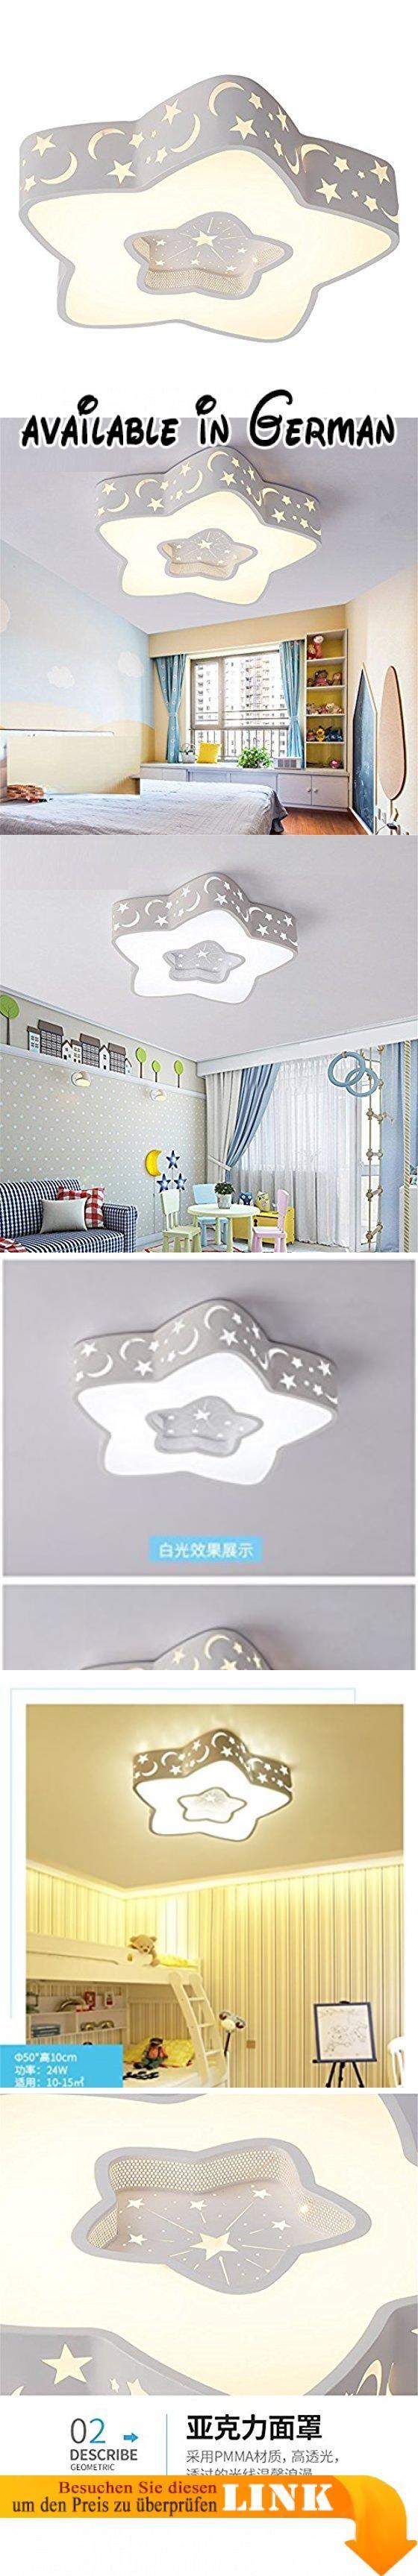 Die besten 25+ Kinderzimmerlampe weiß Ideen auf Pinterest   Nacht ...